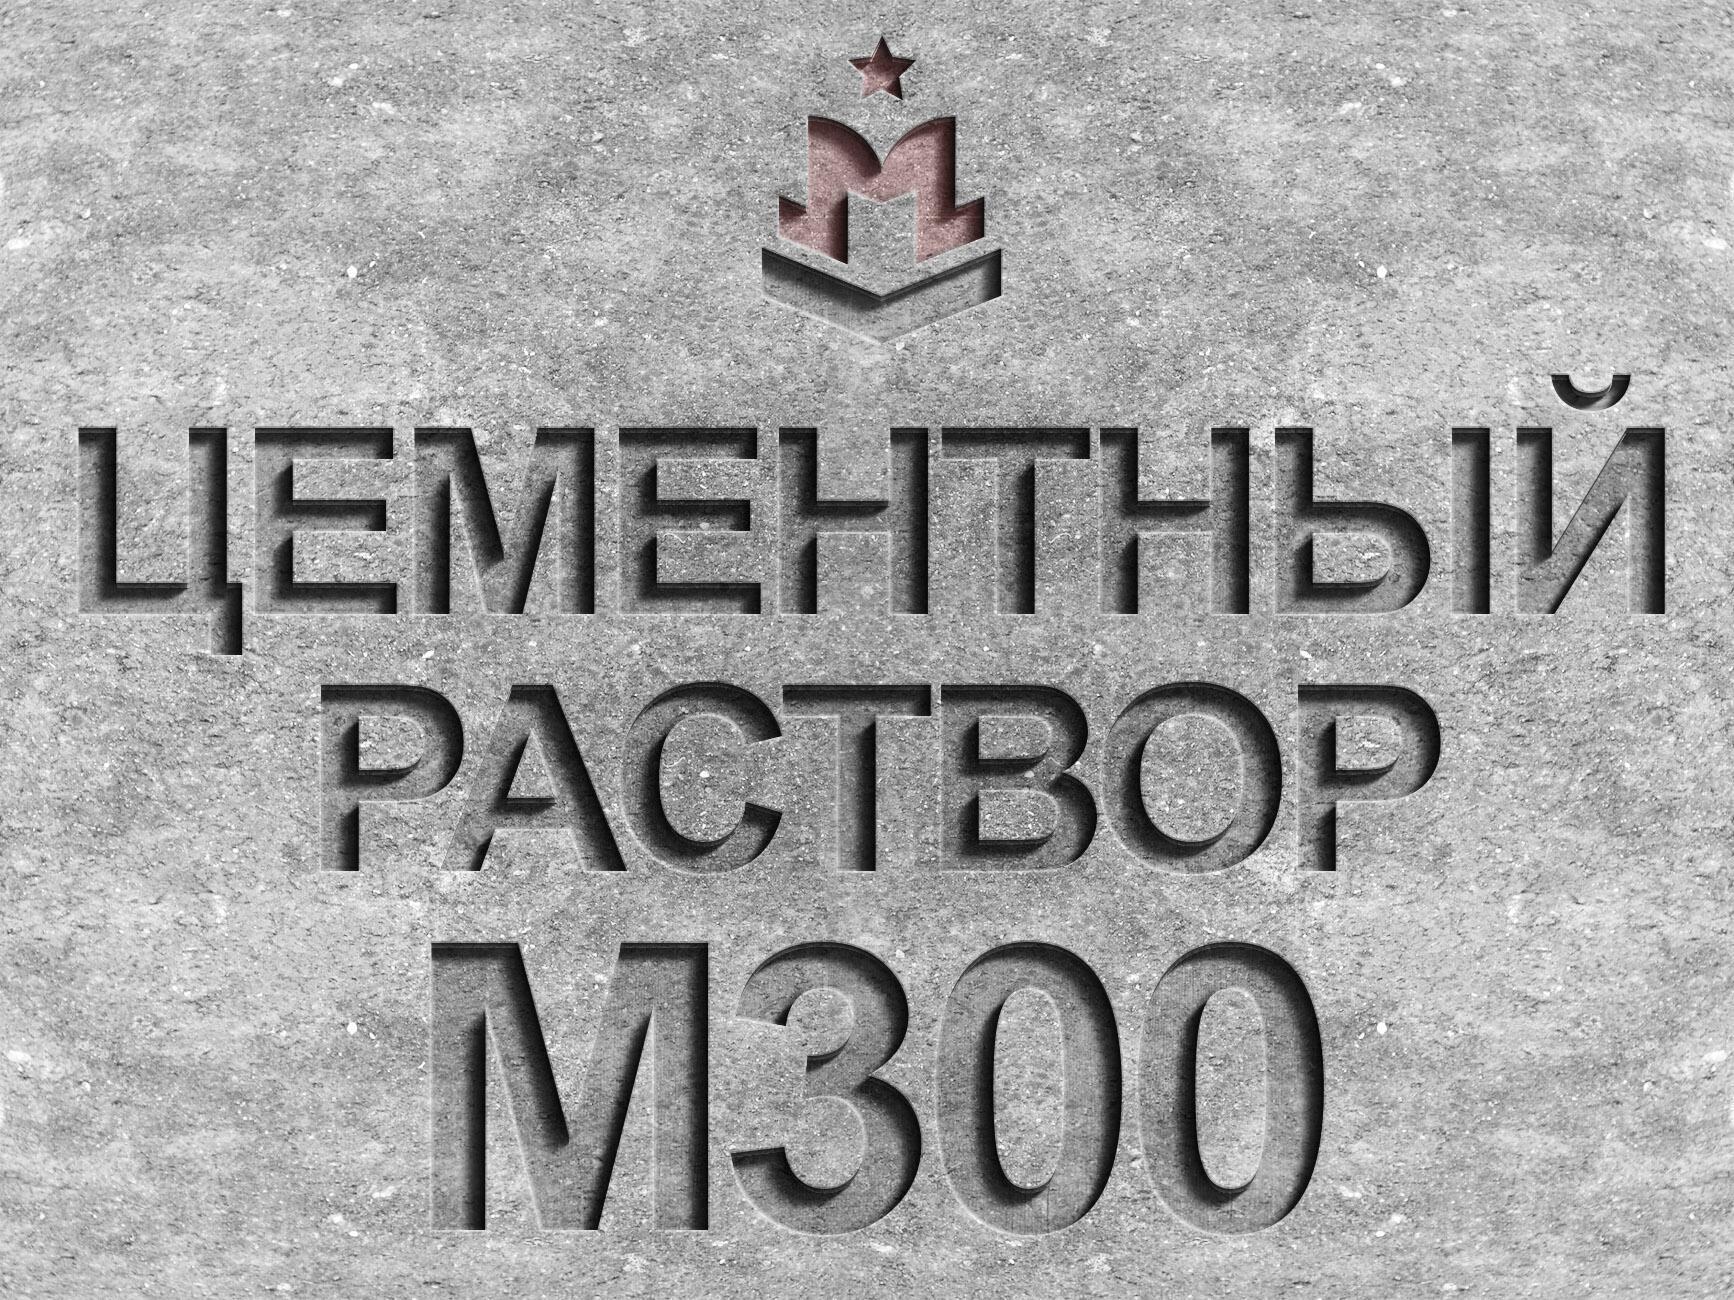 Гост растворы строительные м300 осадка конуса бетонной смеси таблица гост